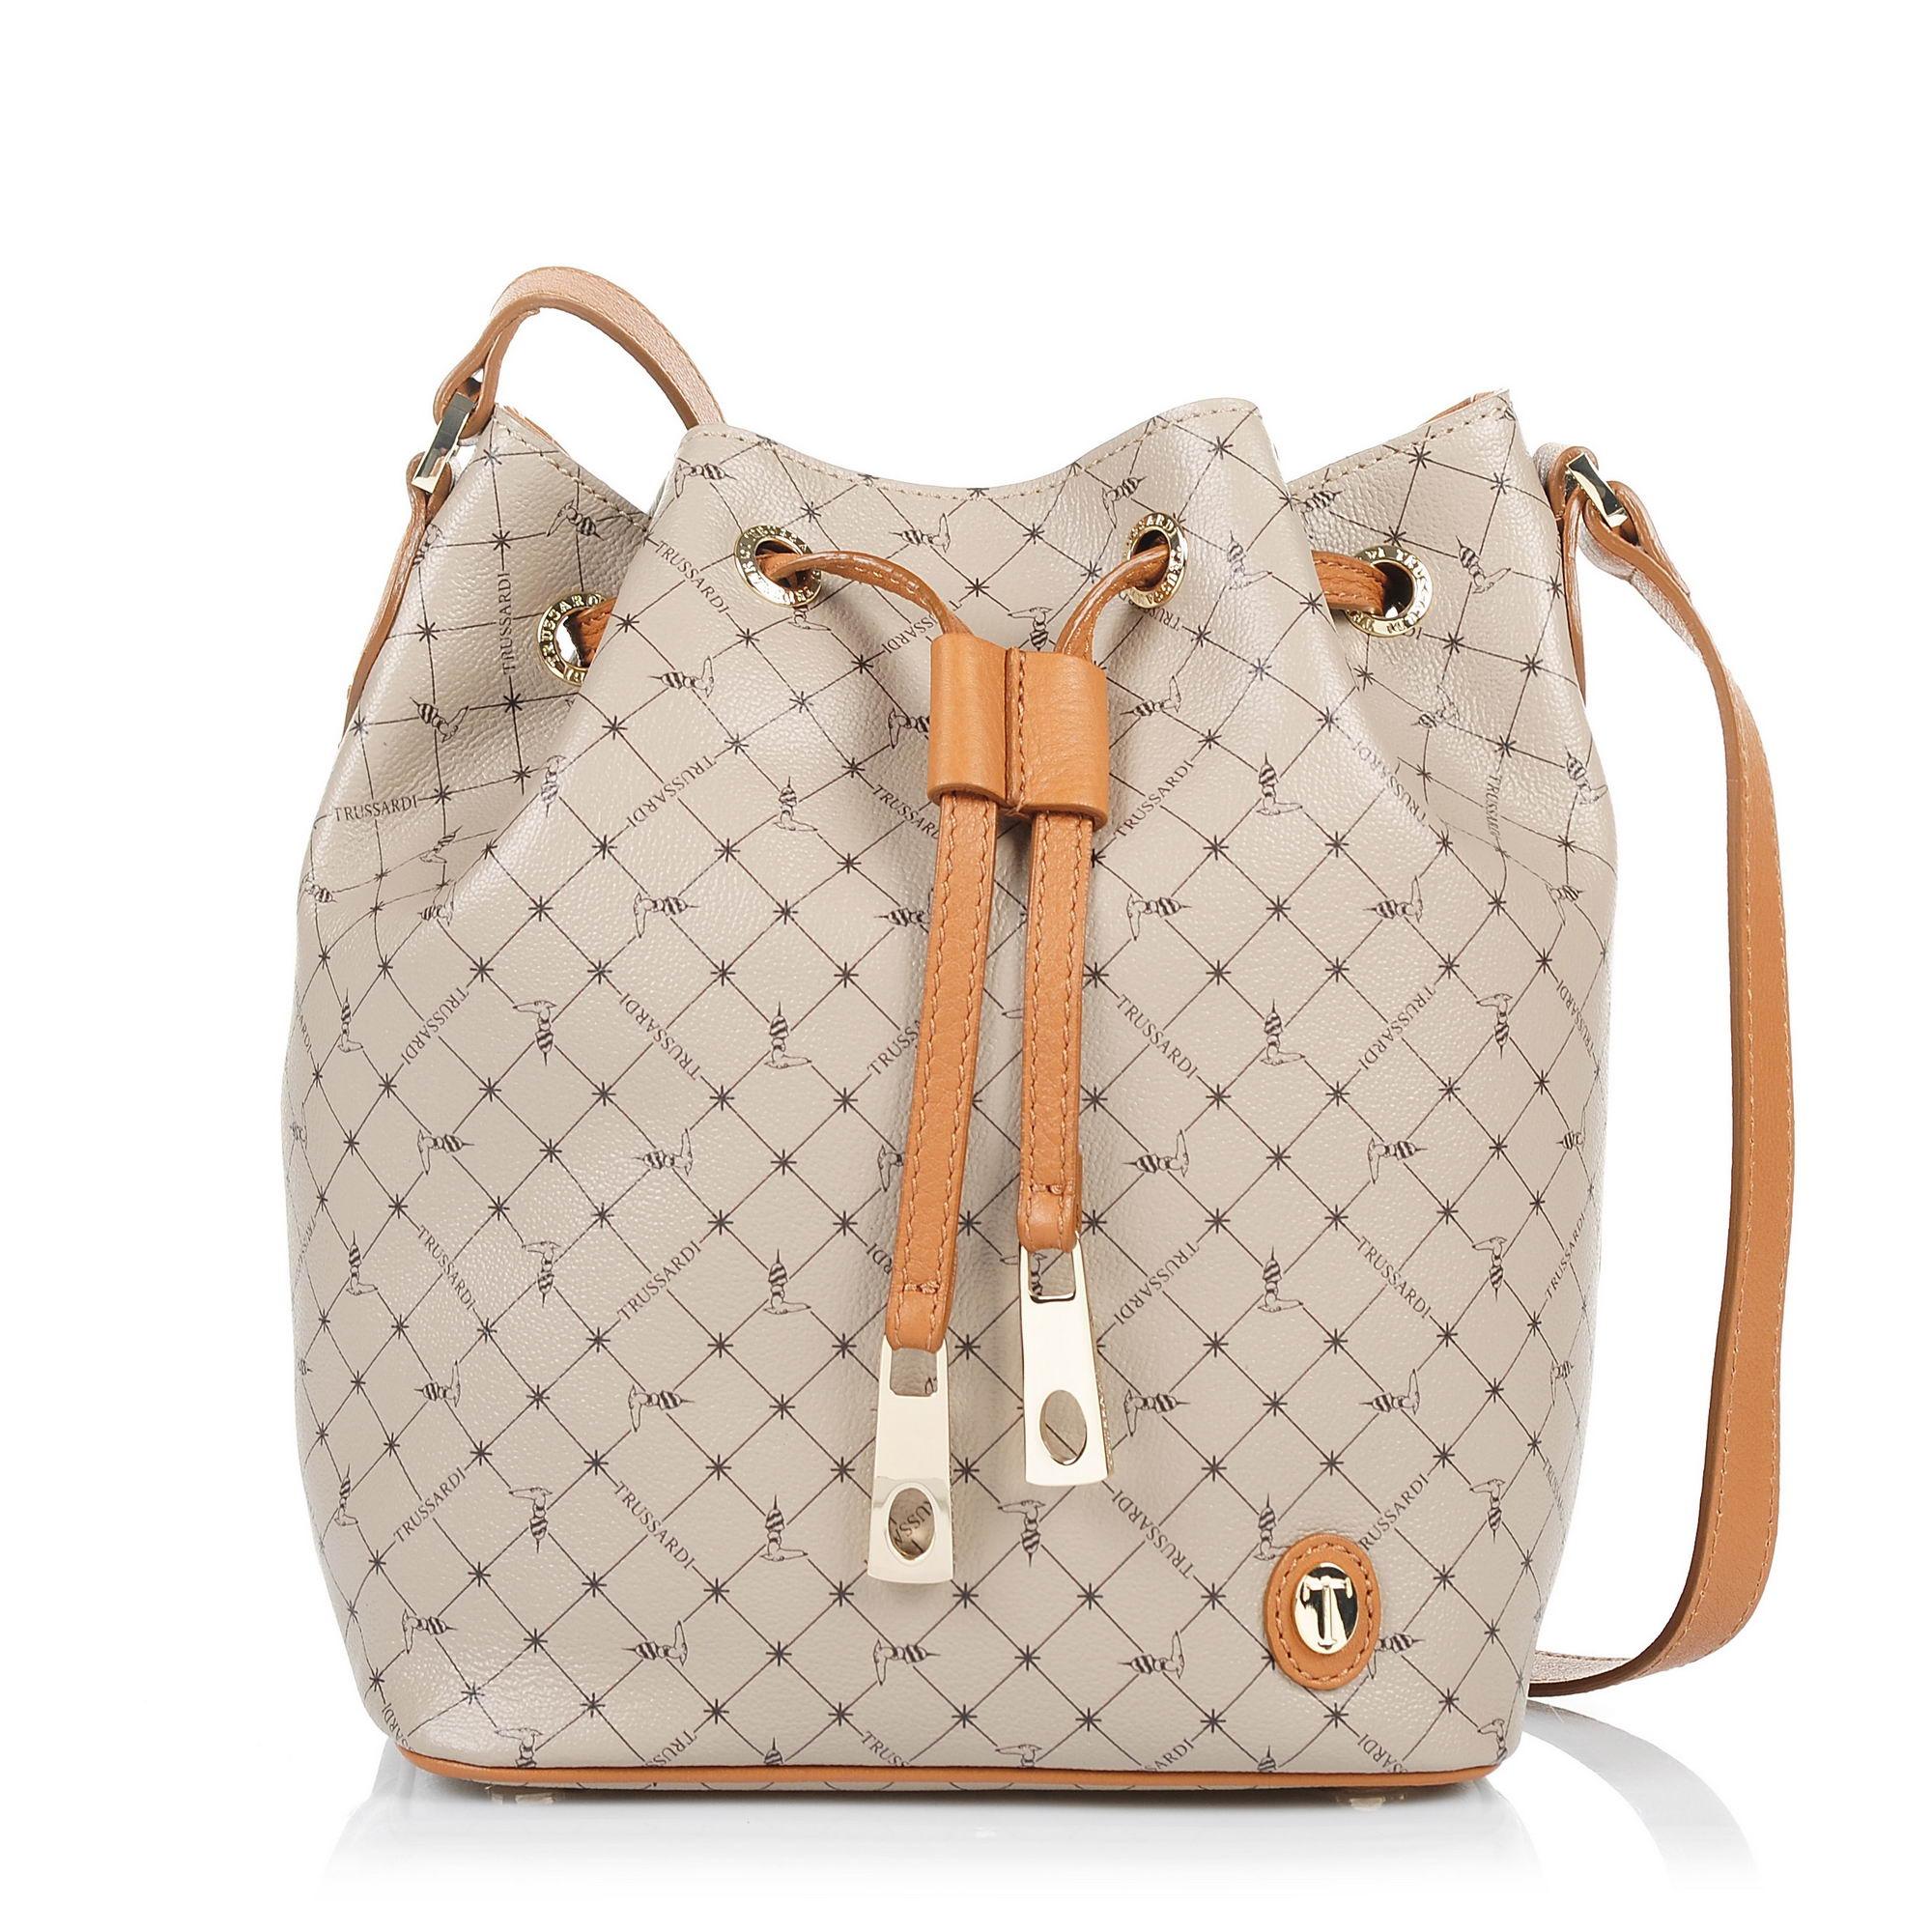 Δερμάτινο Πουγκί Trussardi Mini Bucket Monogram Crepe LeatherVelvet Calf Leather γυναικα   γυναικεία τσάντα